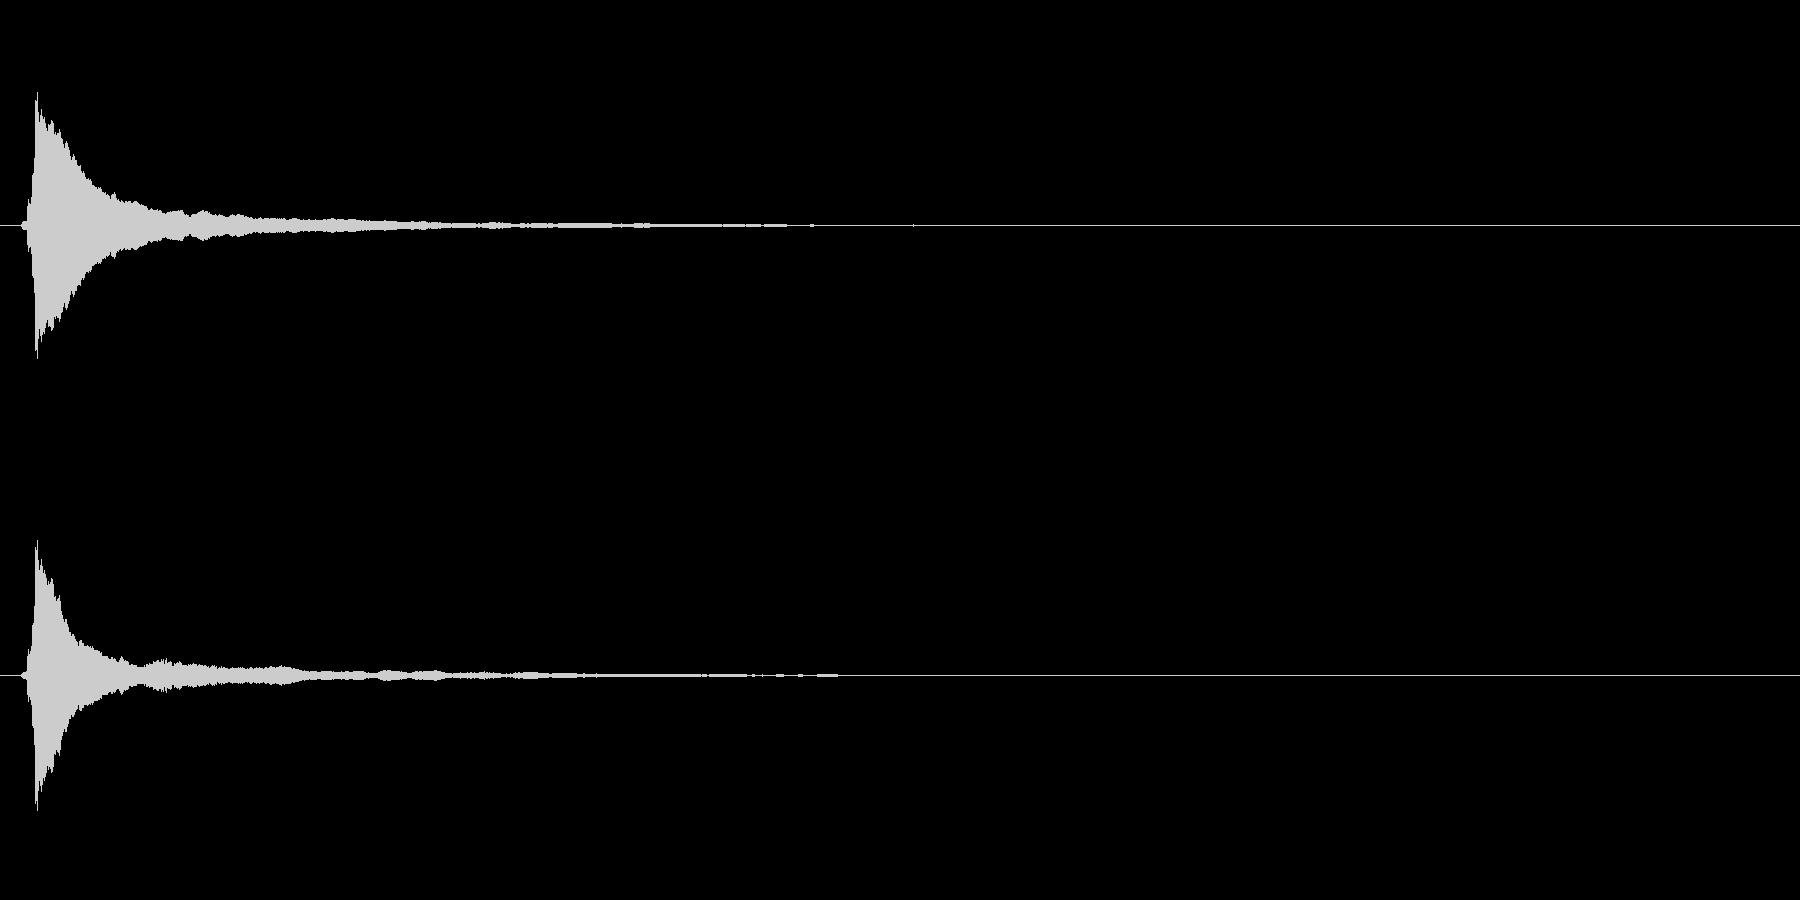 キラキラ系_006の未再生の波形